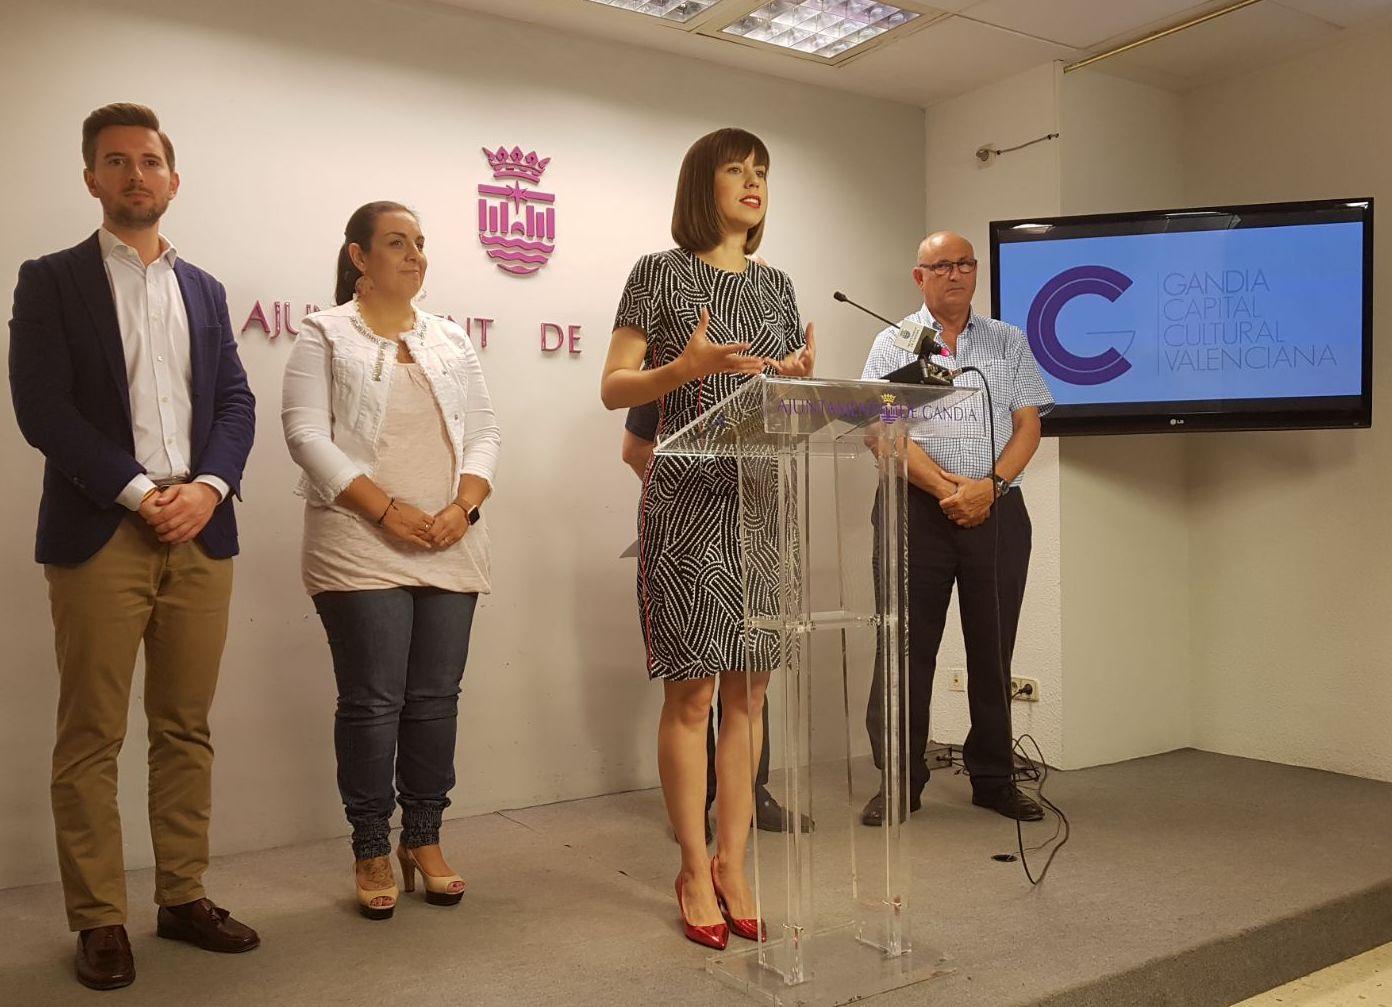 Gandia prepara un acto para celebrar ser la primera ciudad Capital Cultural Valenciana